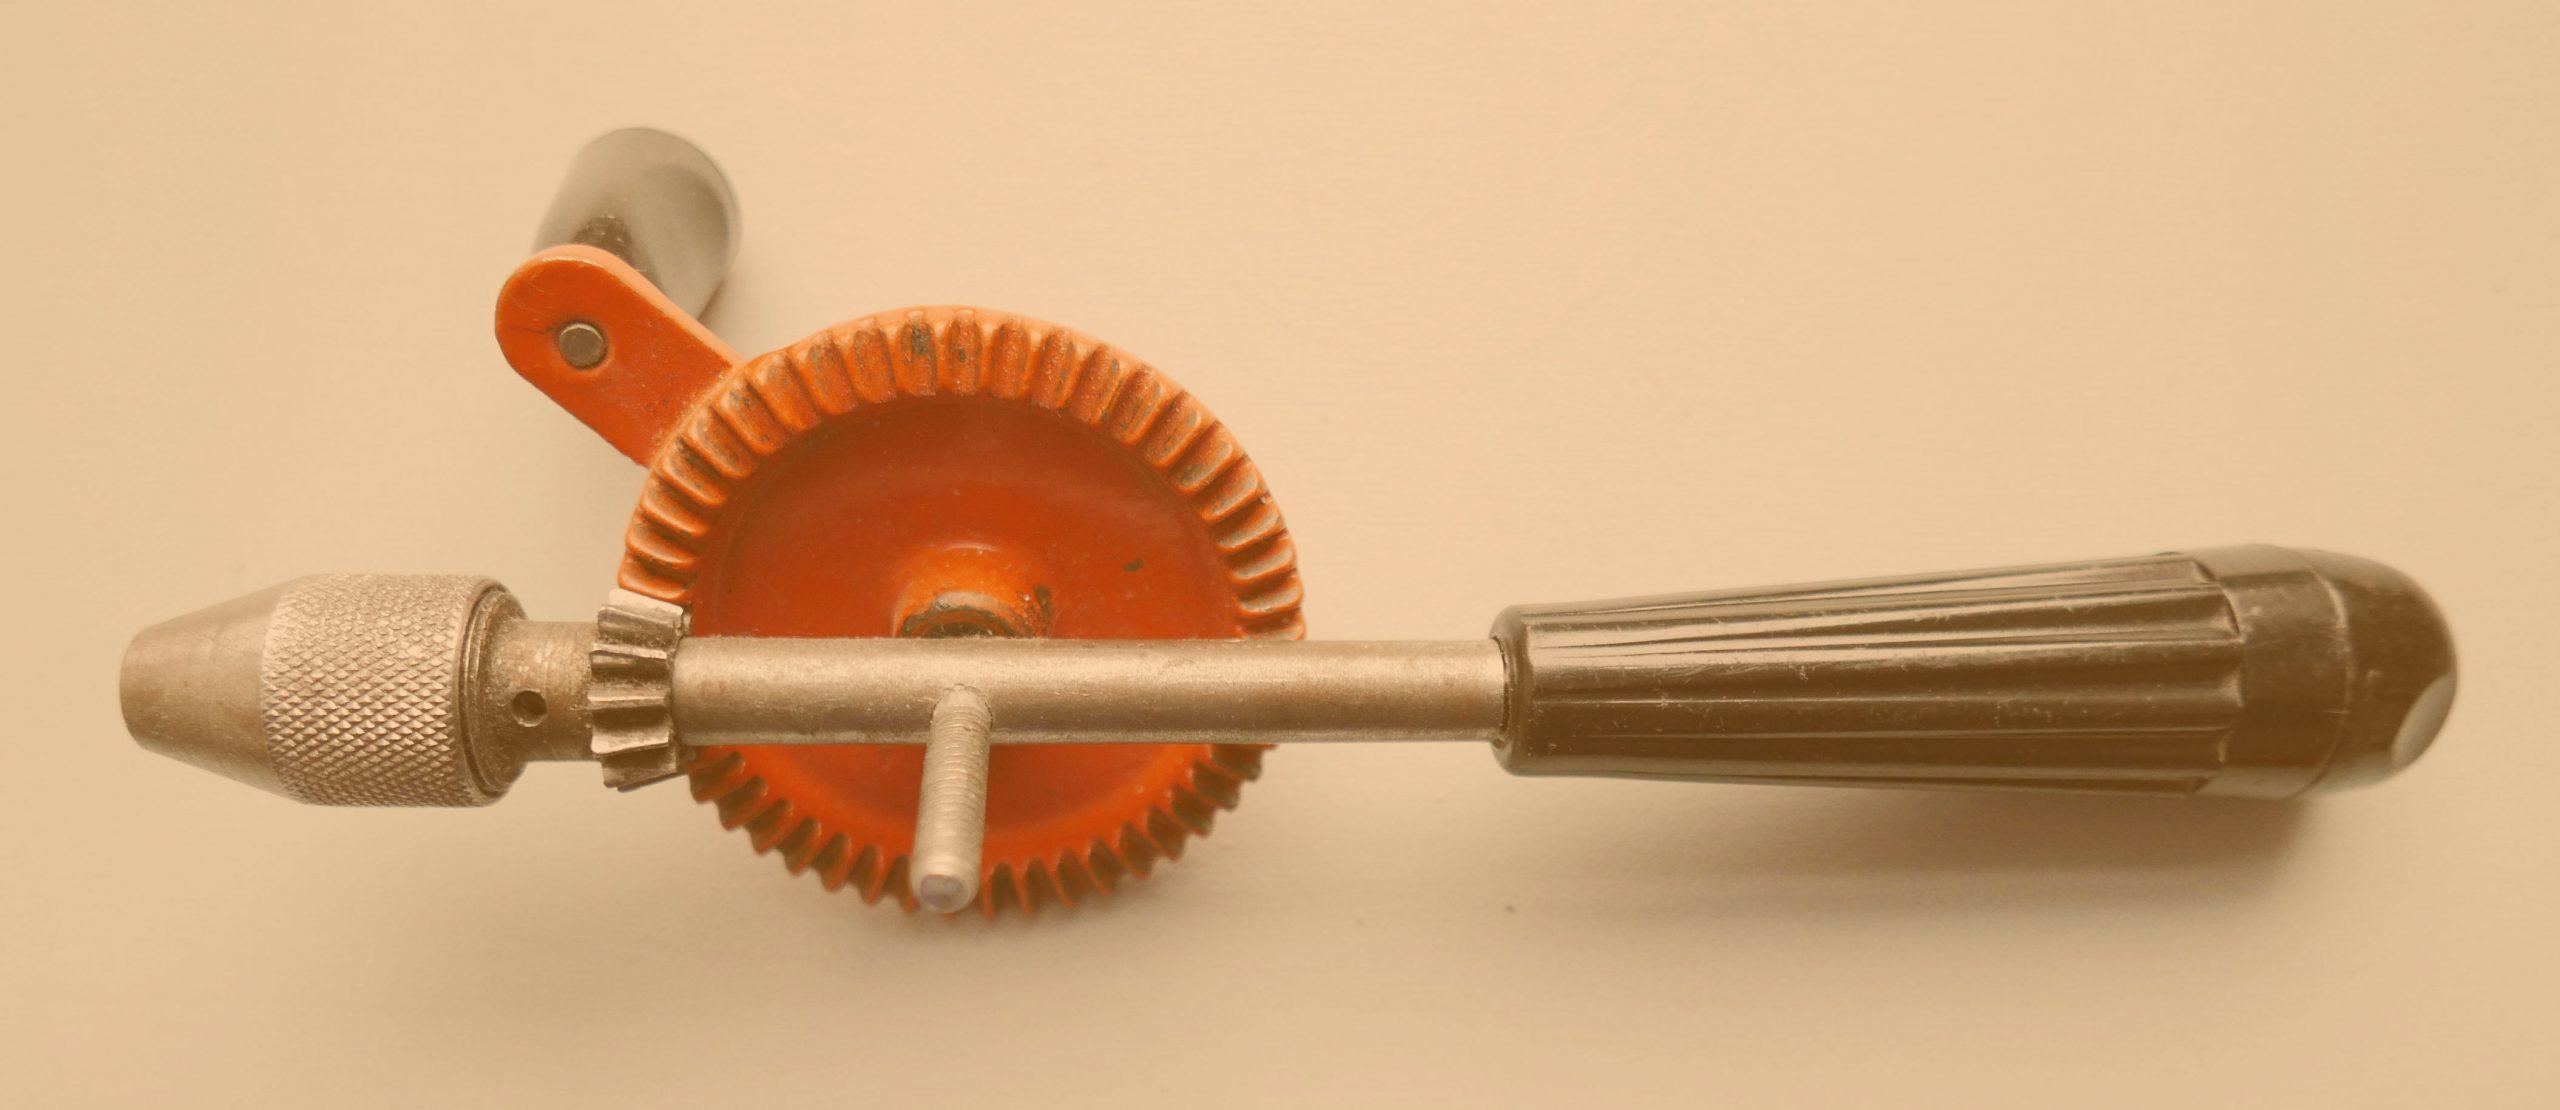 Umbauen und Reparieren Werkzeug Handbohrer mit Zahnrad und Kurbel